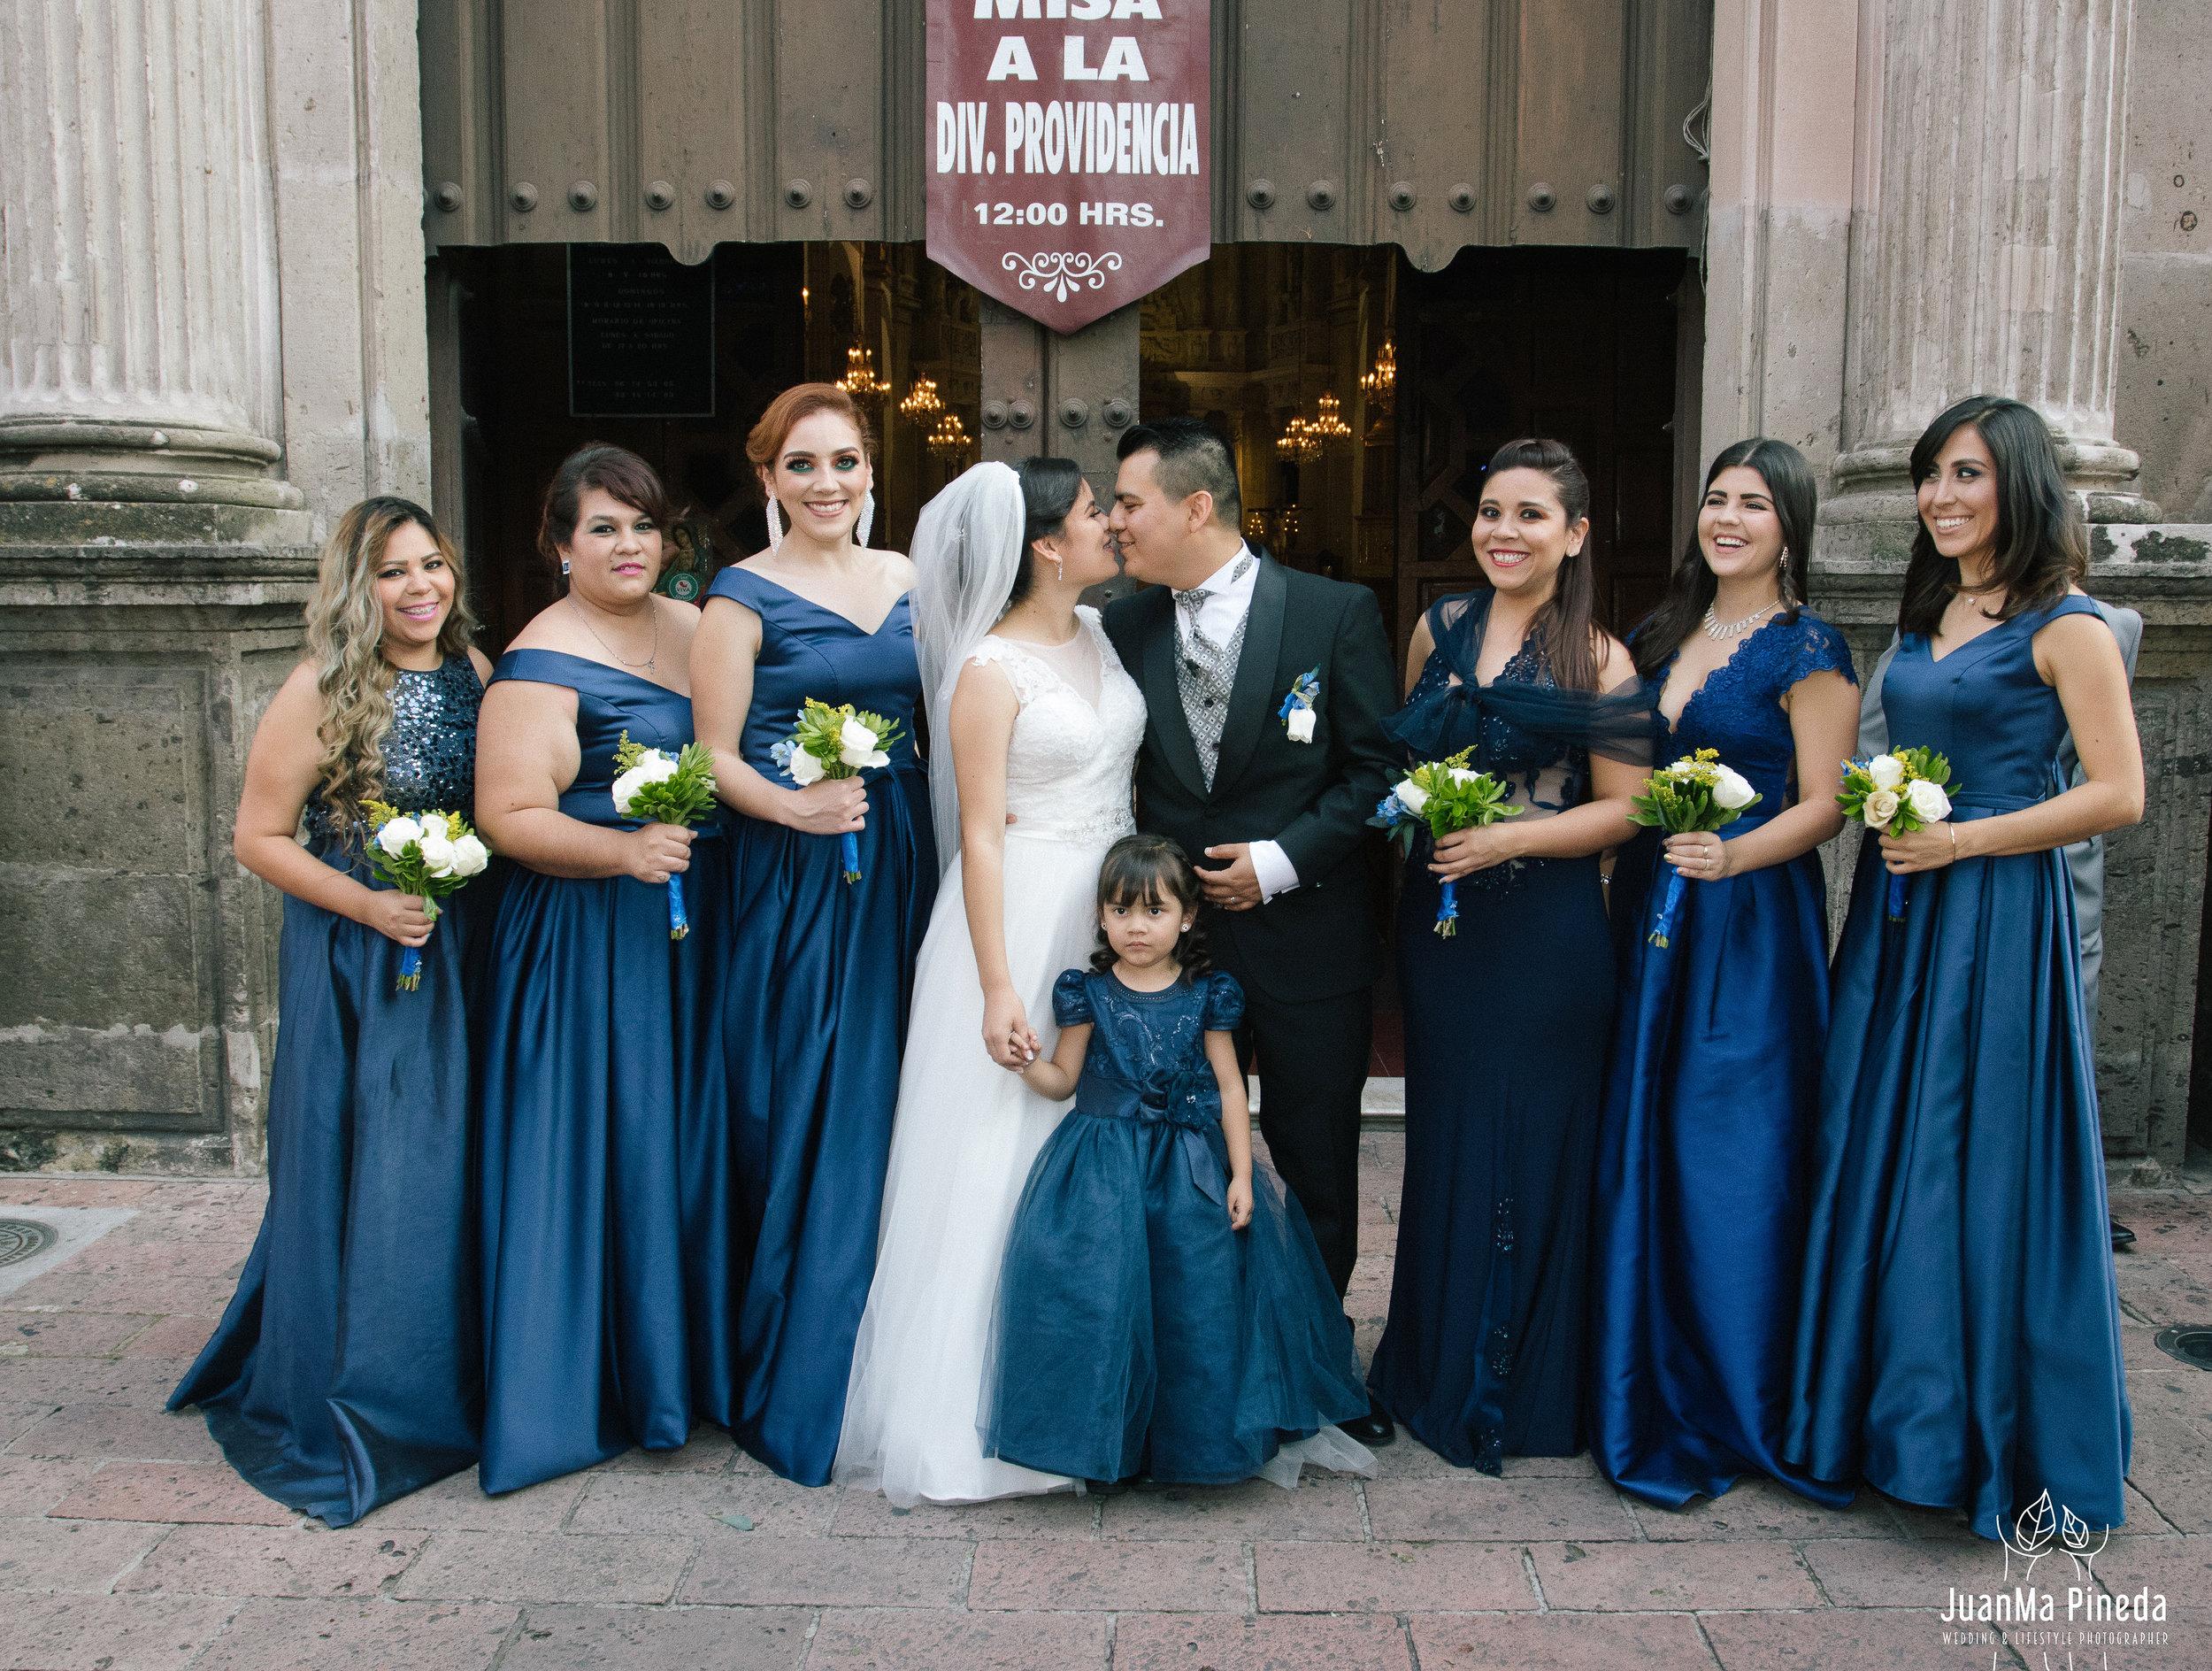 Ceremonia+Boda+Centro+Guadalajara-1-46.jpg